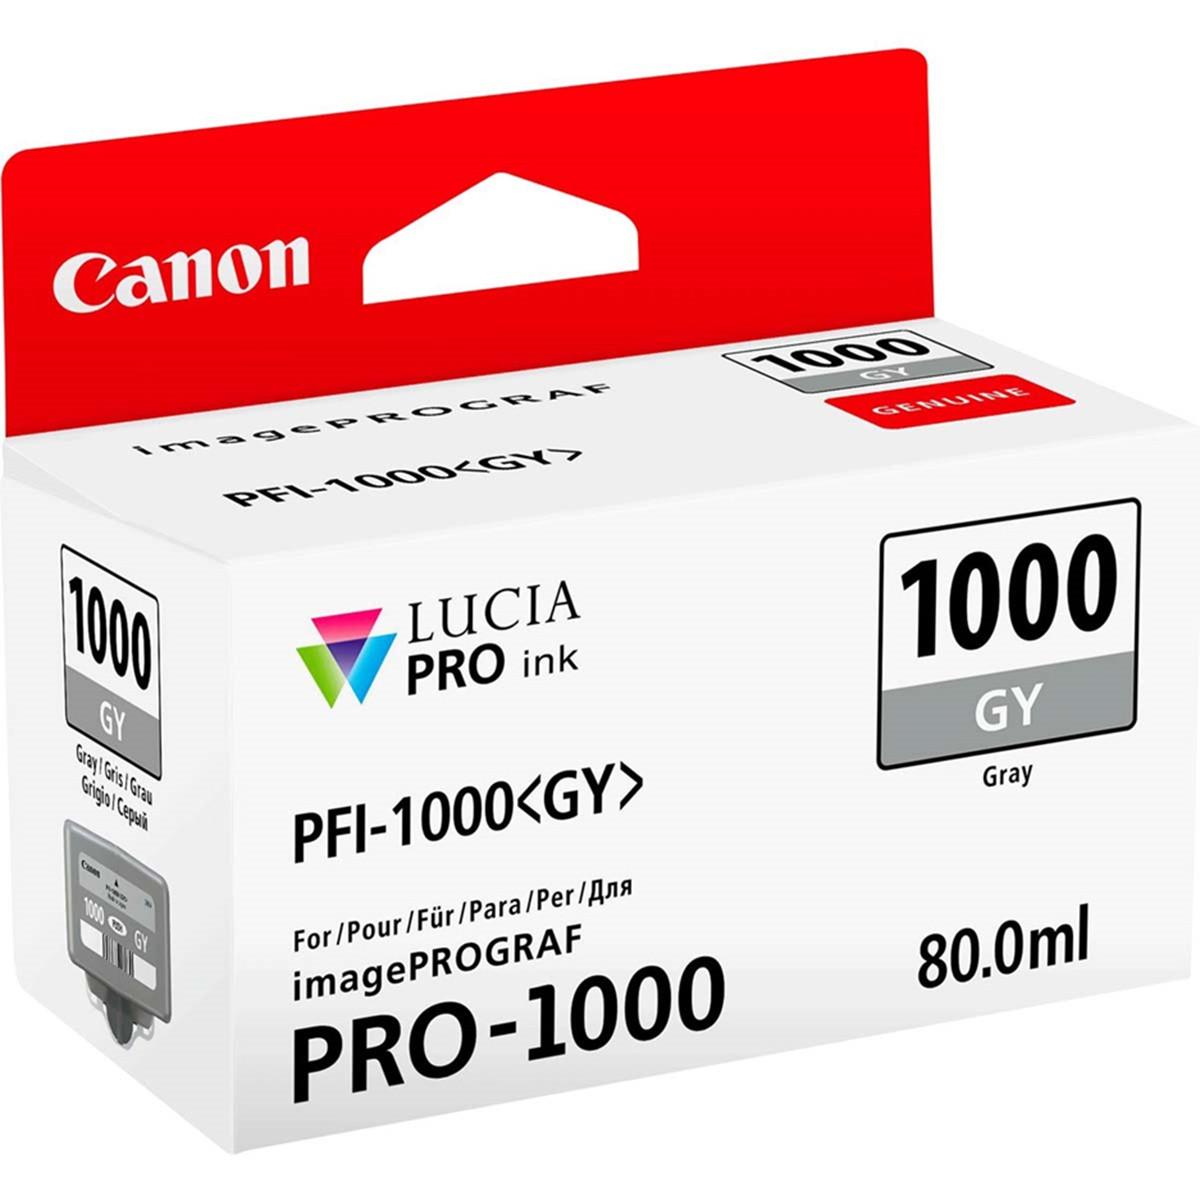 Cartucho de Tinta Canon PFI-1000 PFI-1000GY Cinza | Original 80ml